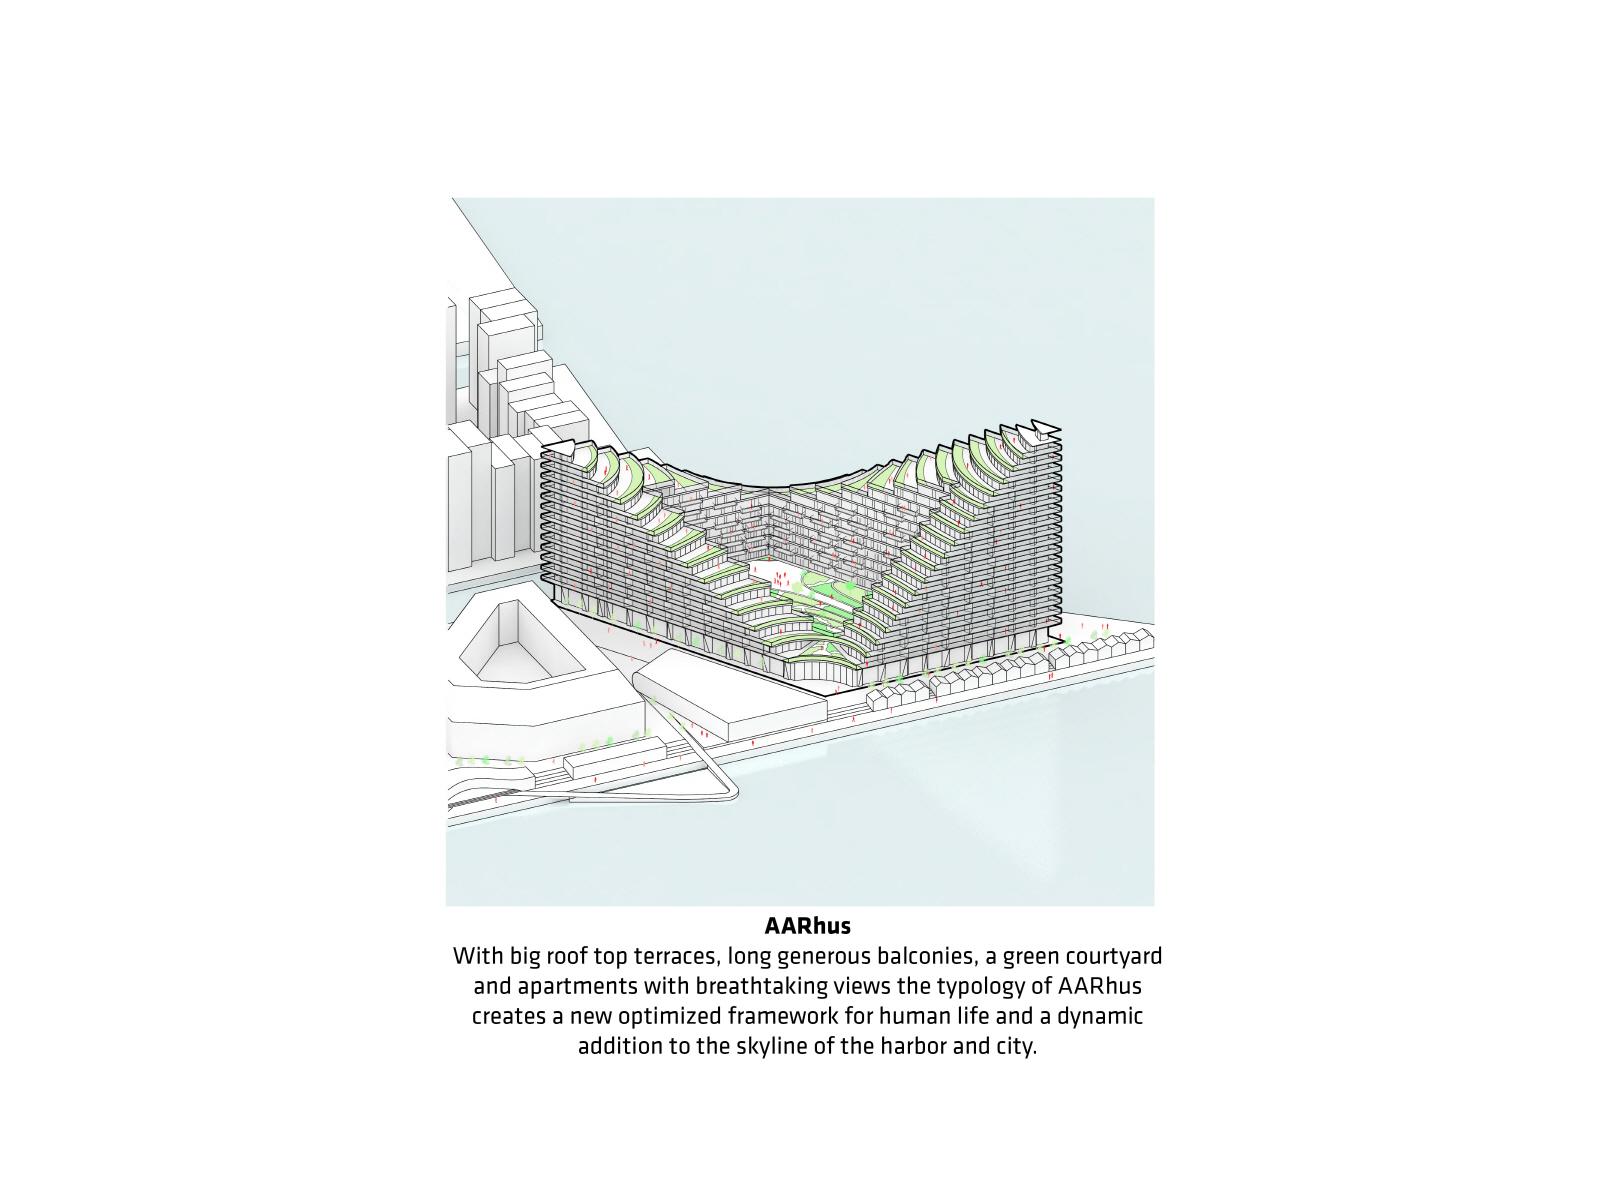 〔안정원의 건축 칼럼〕 계단식 발코니와 중정형 루프 테라스가 빚어내는 입체적인 공간 2